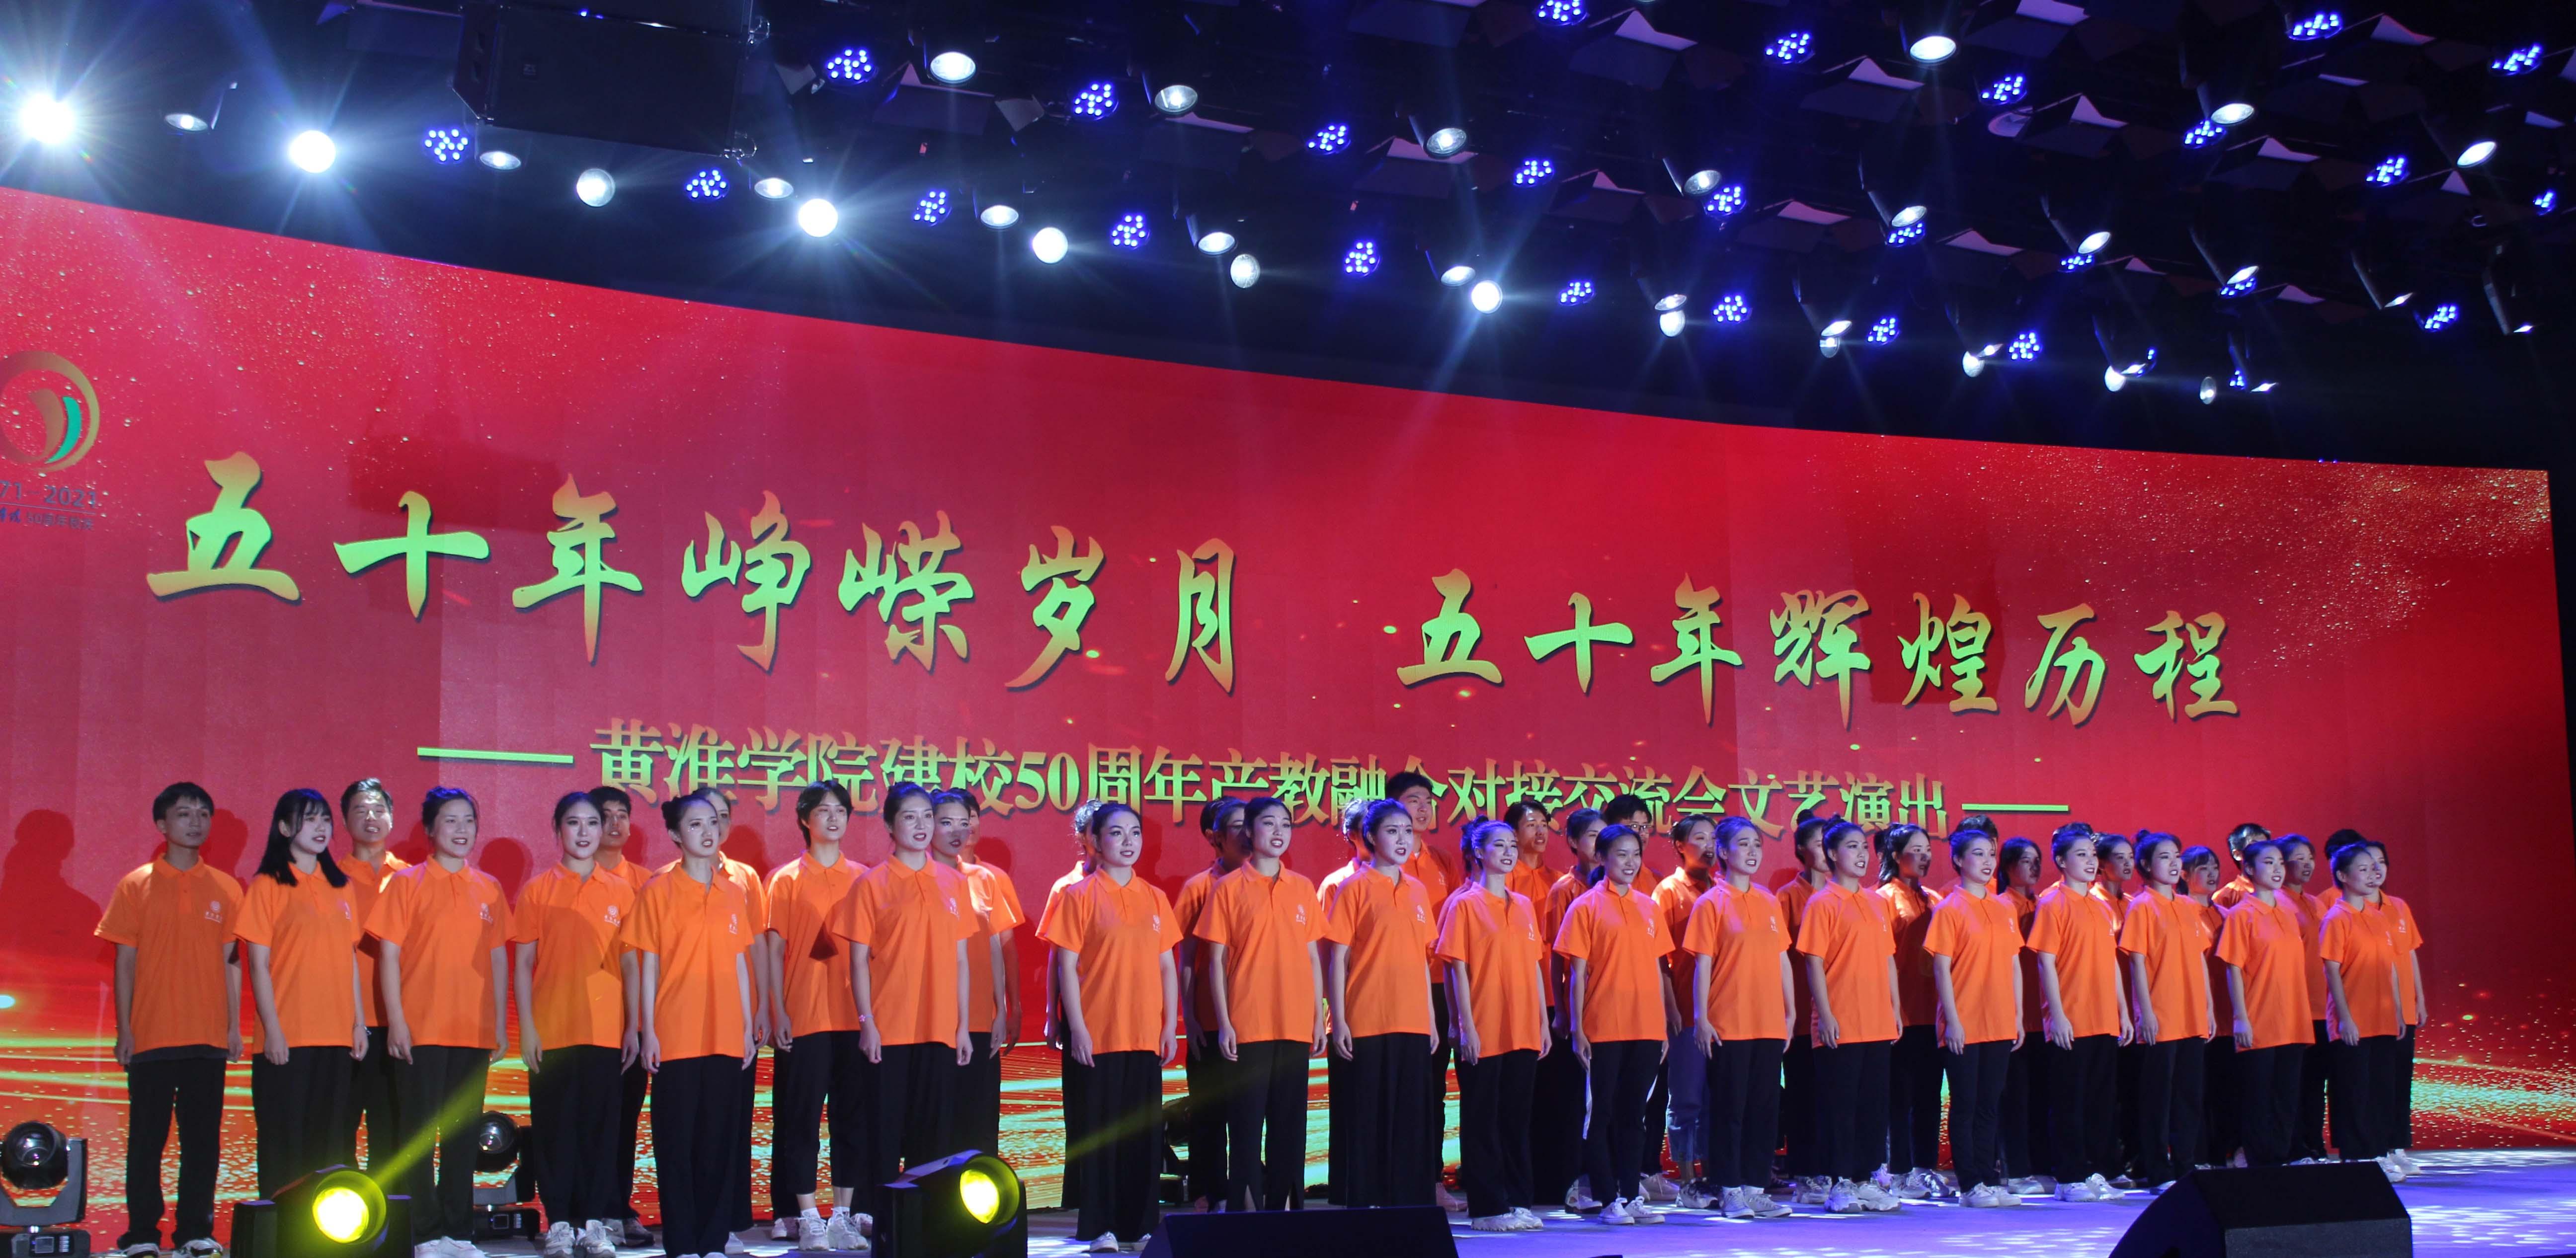 五十年崢嶸歲月 五十年輝煌歷程 黃淮學院建校50周年演出盛大舉行